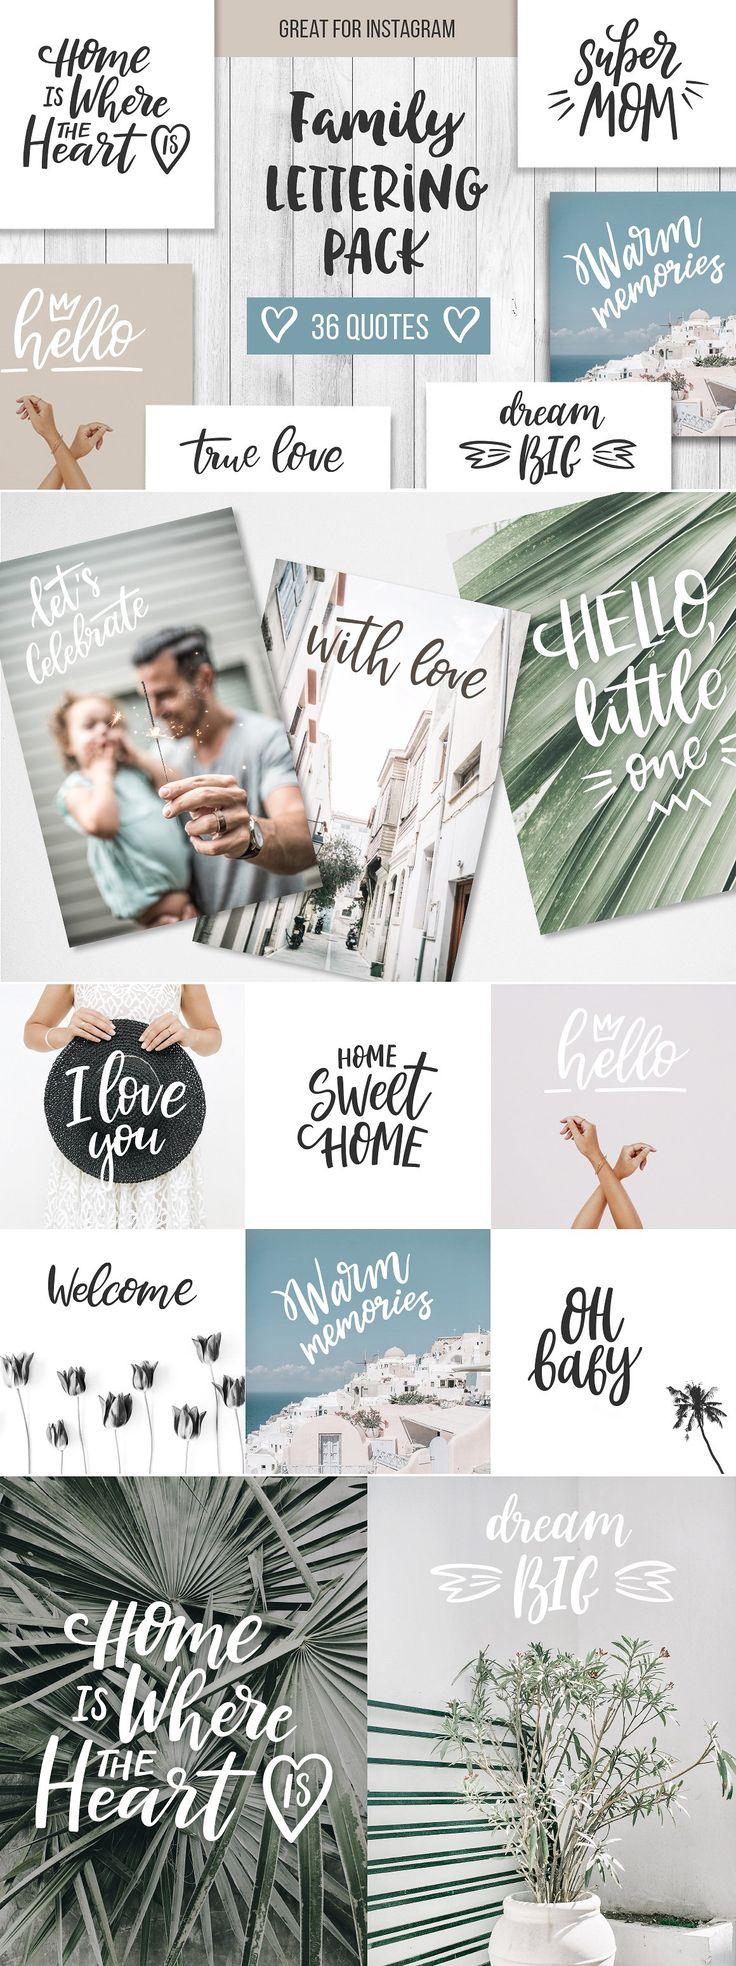 Family Lettering Pack - Illustrations #brushlettering #qoute #motivation #Handlettering #lettering #typography #brushtype #designinspiration #goodletters #handmadefont #moderncalligraphy #calligratype #calligraphy